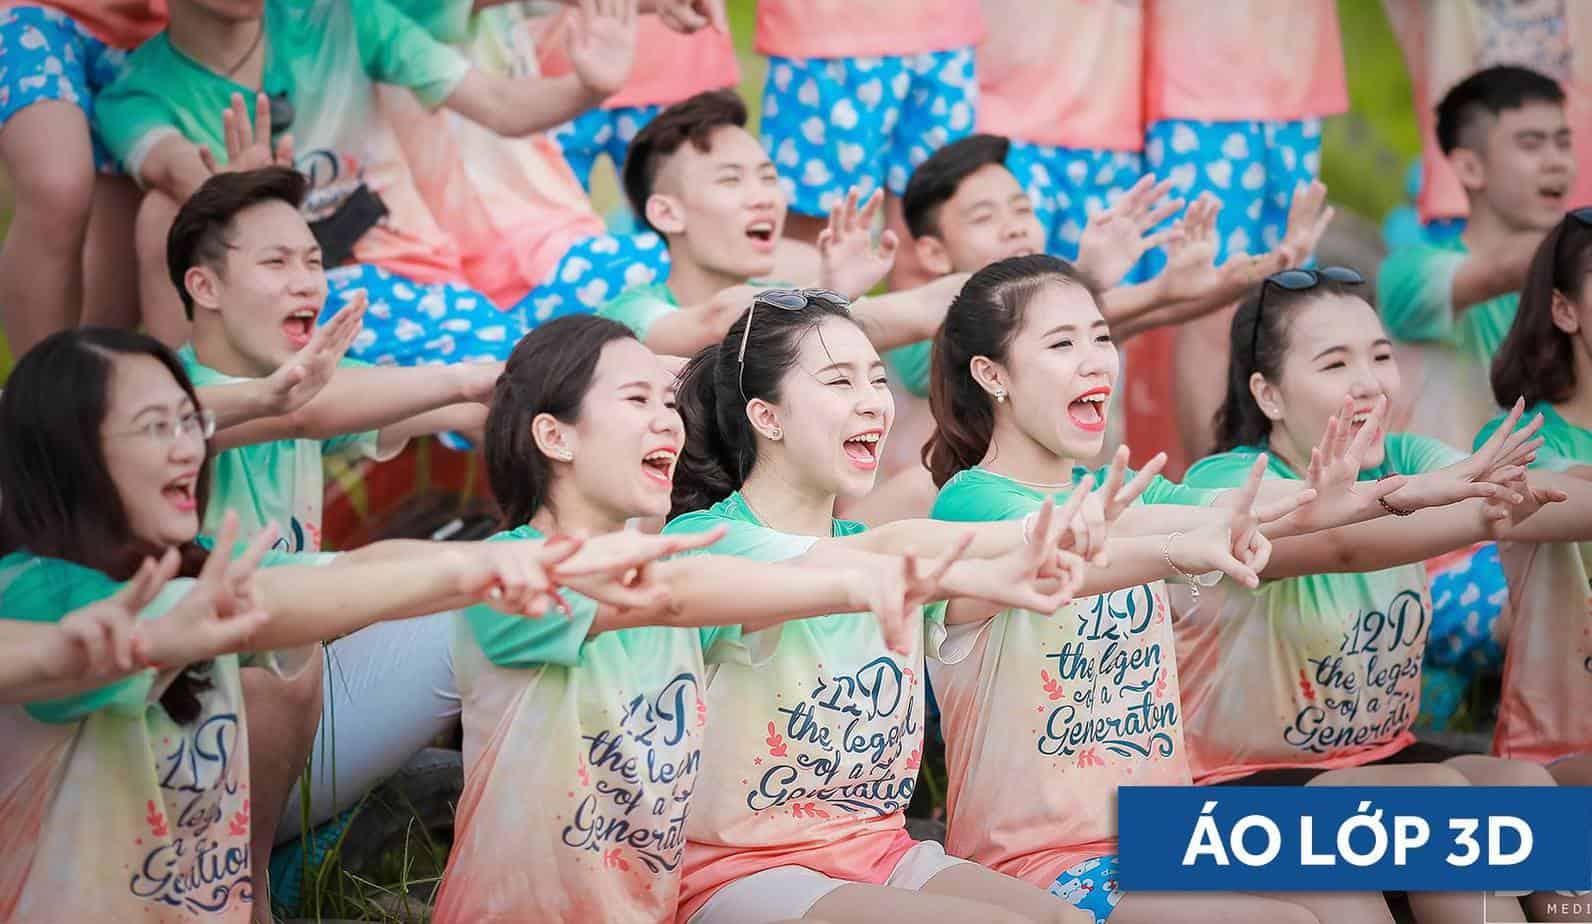 Top 7 Nơi May Đồng Phục, In Thêu Áo Thun ở Đà Nẵng -  - Công ty cổ phần quốc tế Dony 45